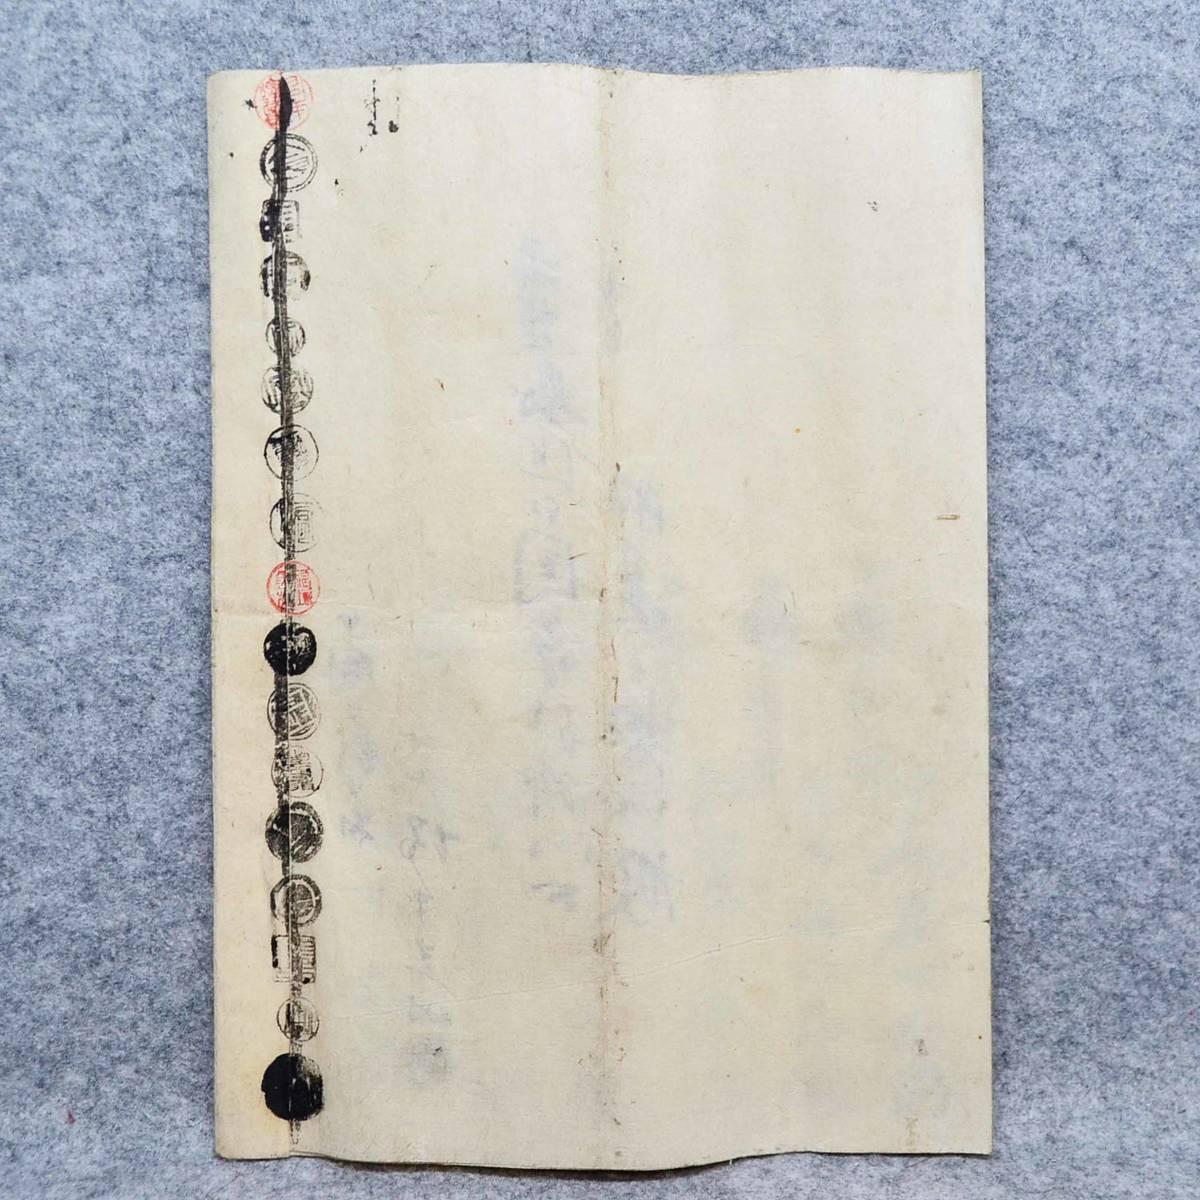 明治時代 借用金連帯證券 近江国甲賀郡 滋賀県_画像6